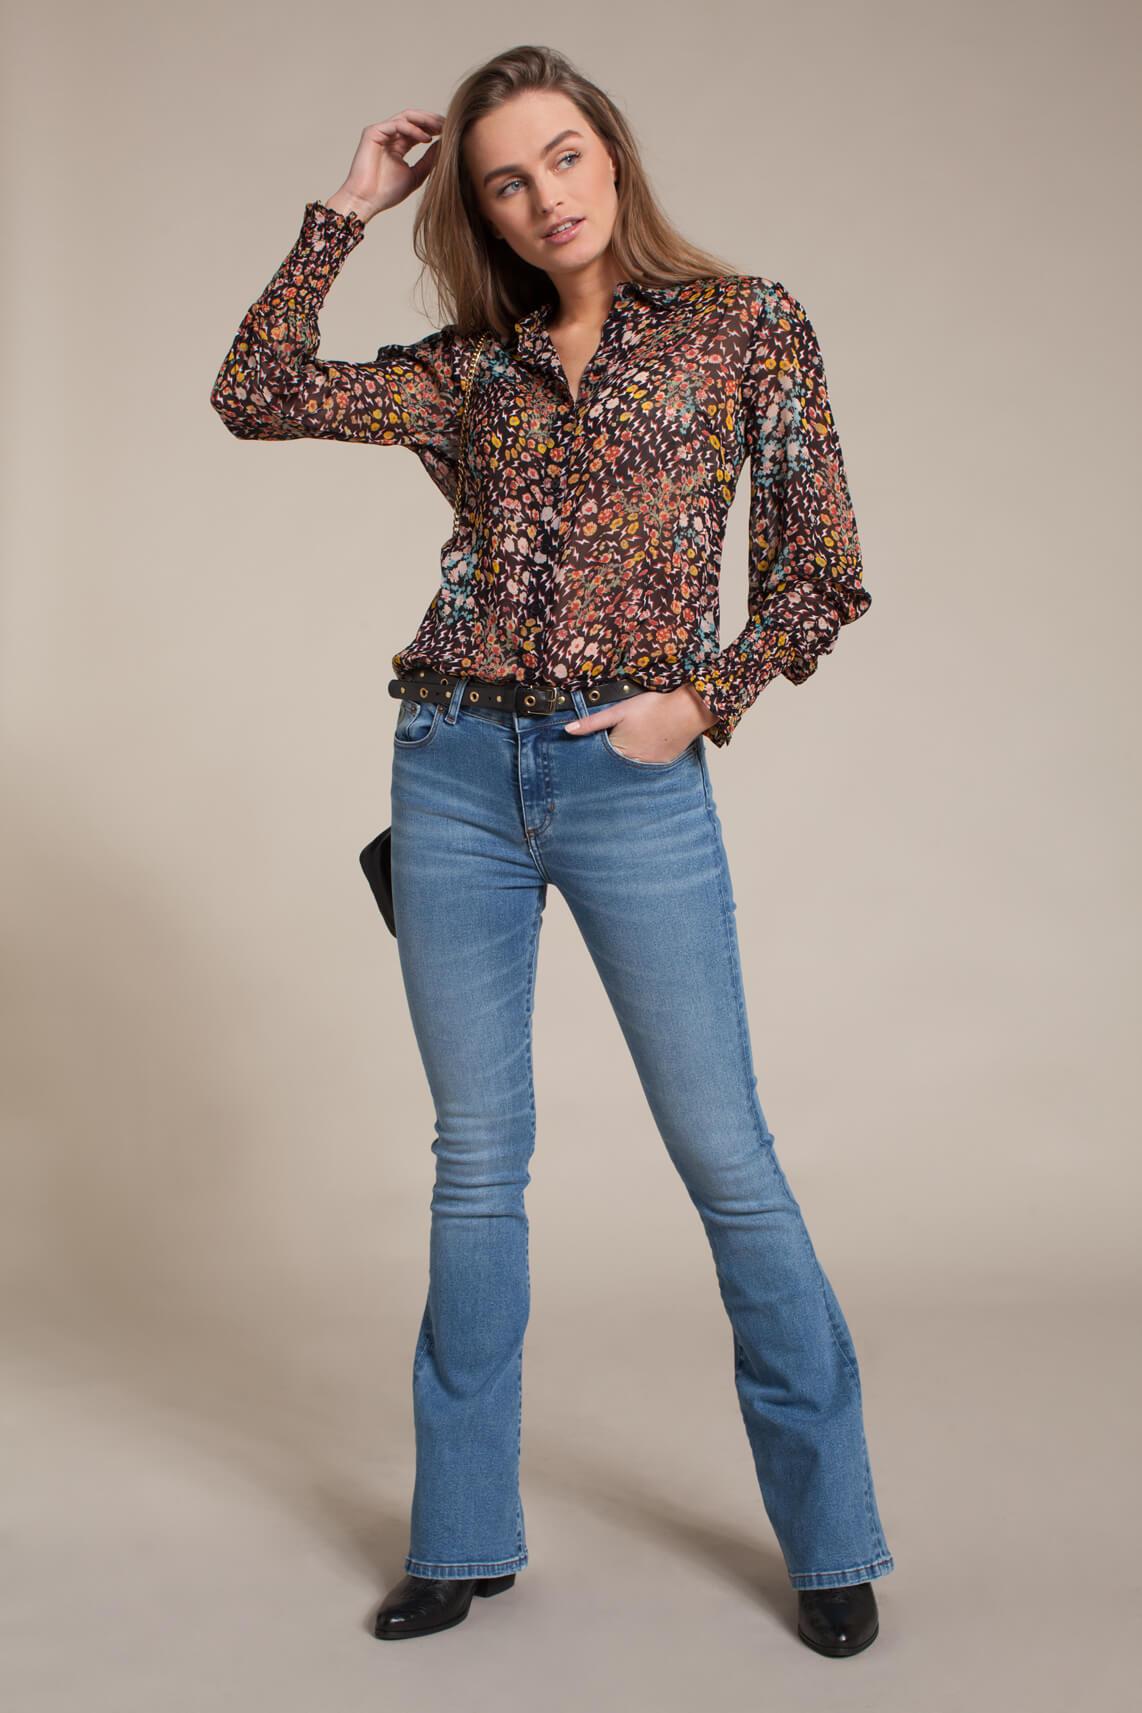 Alix The Label Dames Chiffon blouse met print zwart